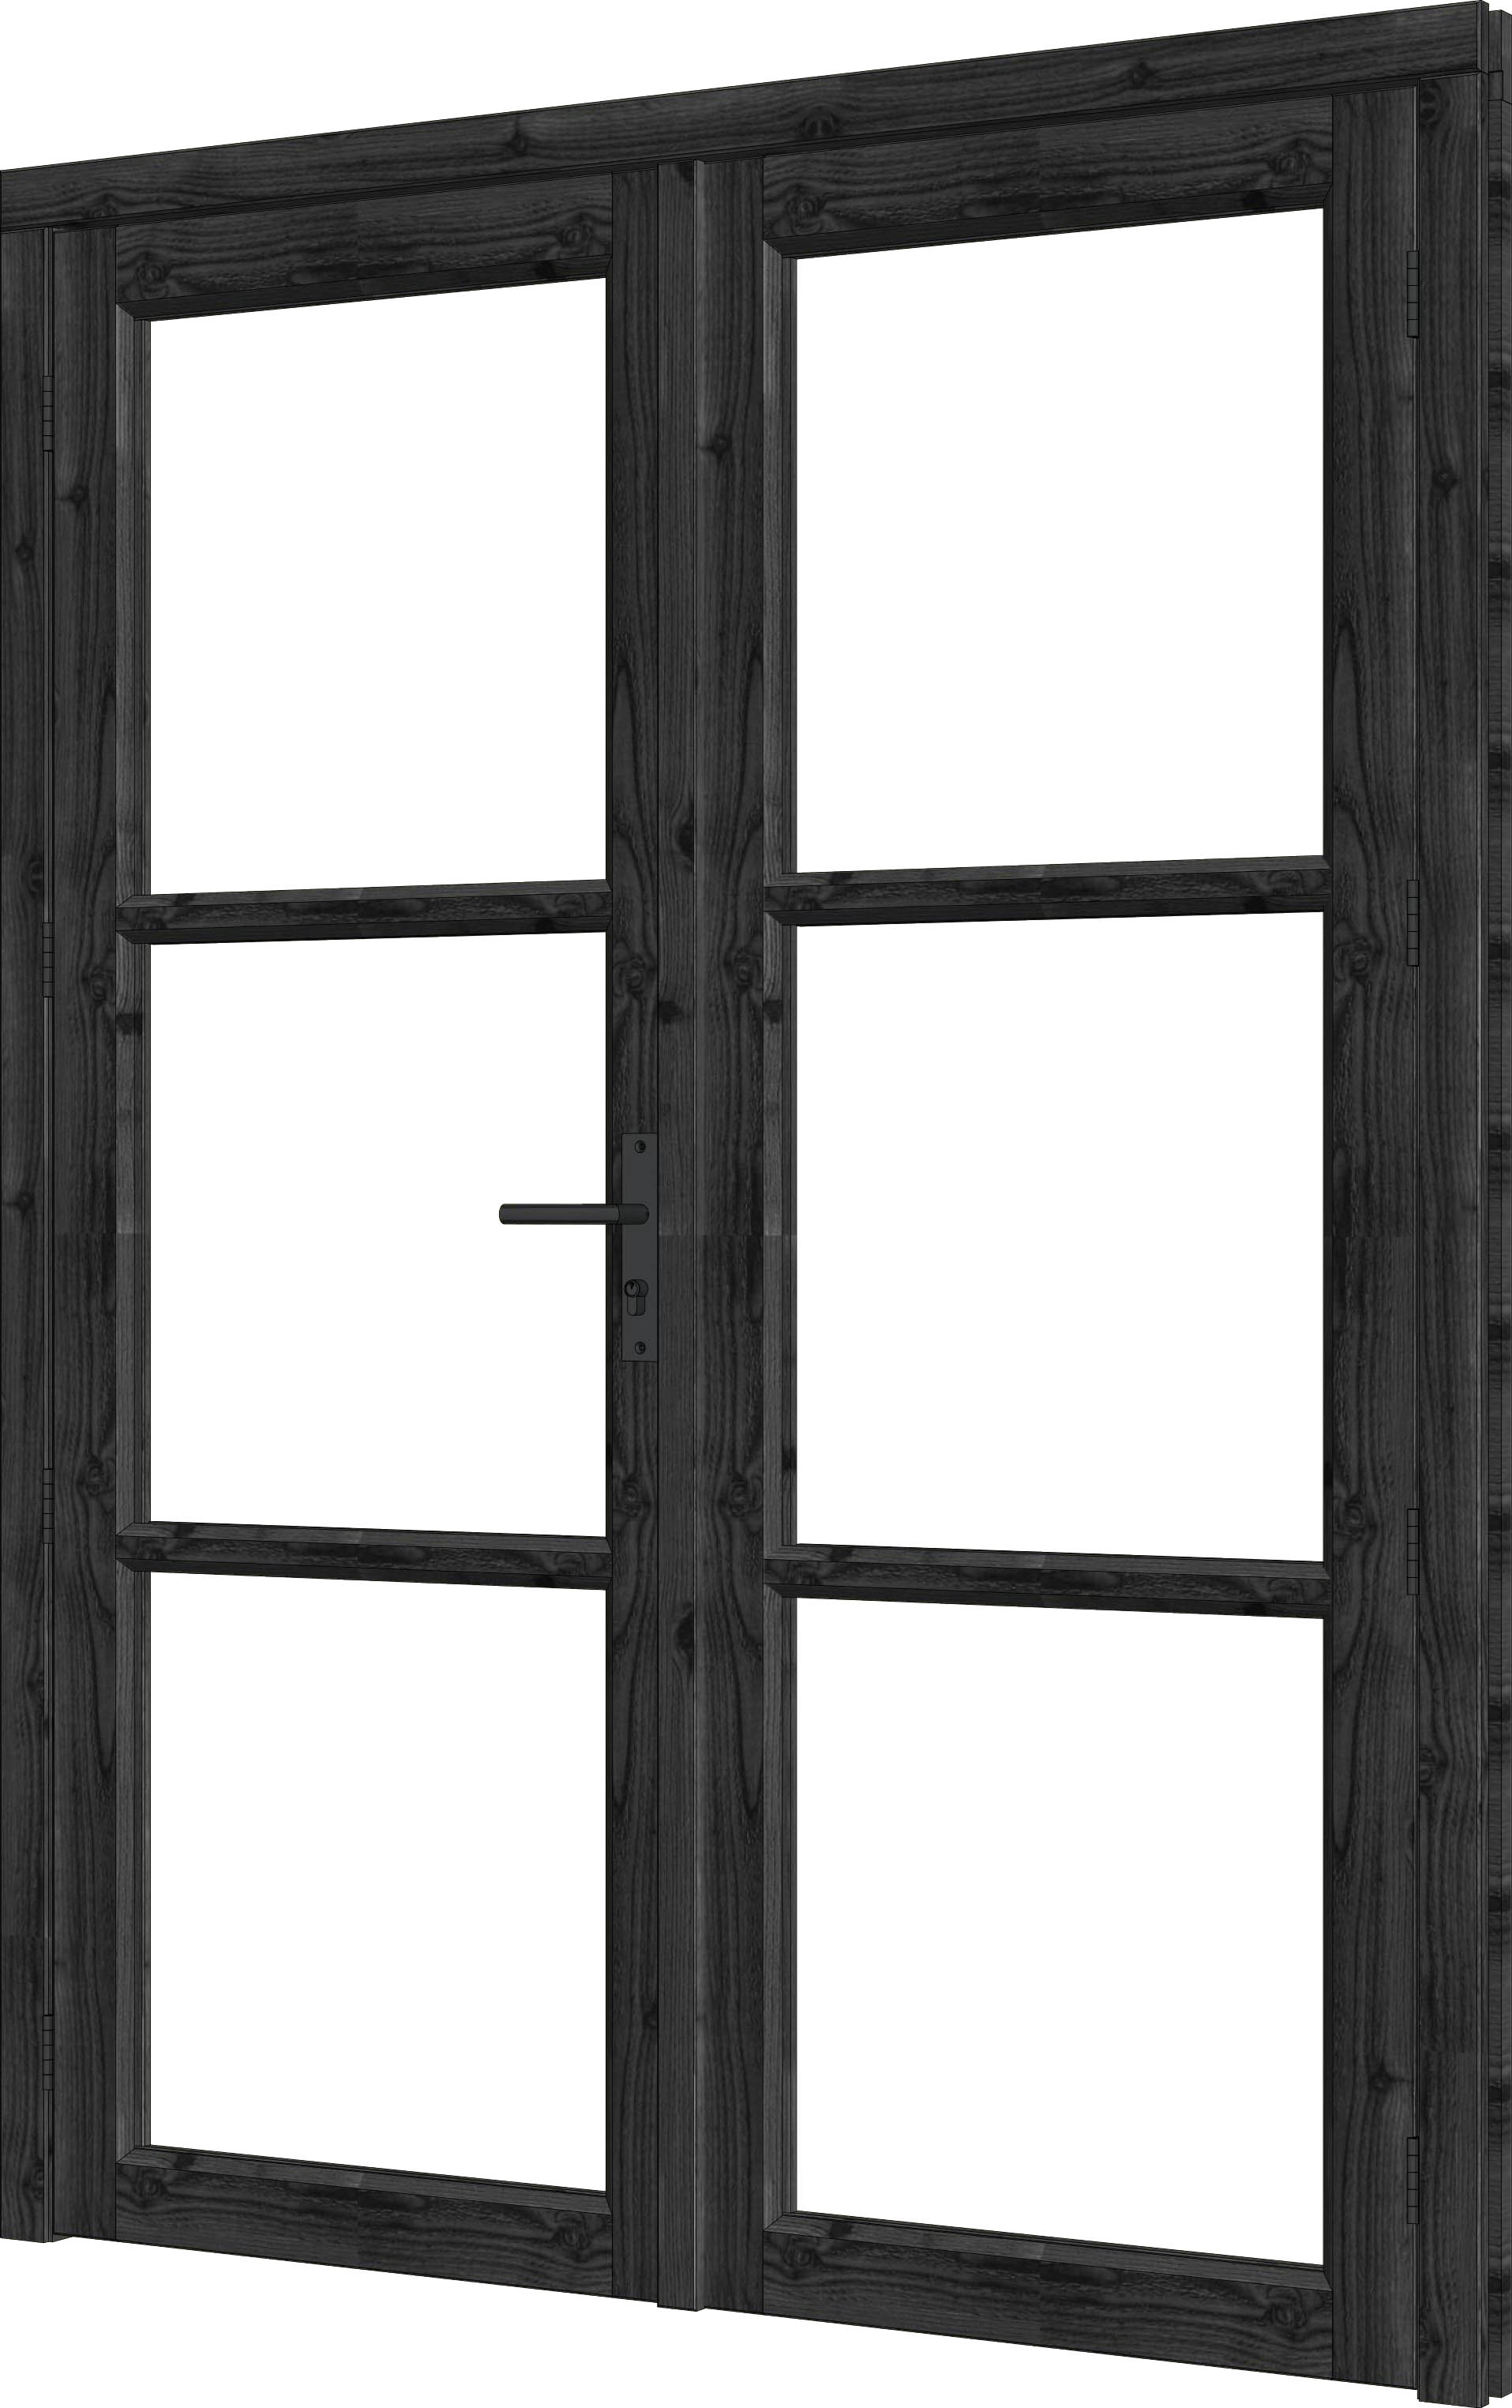 Trendhout | Steel Look Deur Dubbel | U3 | 163,6 x 213,6 cm